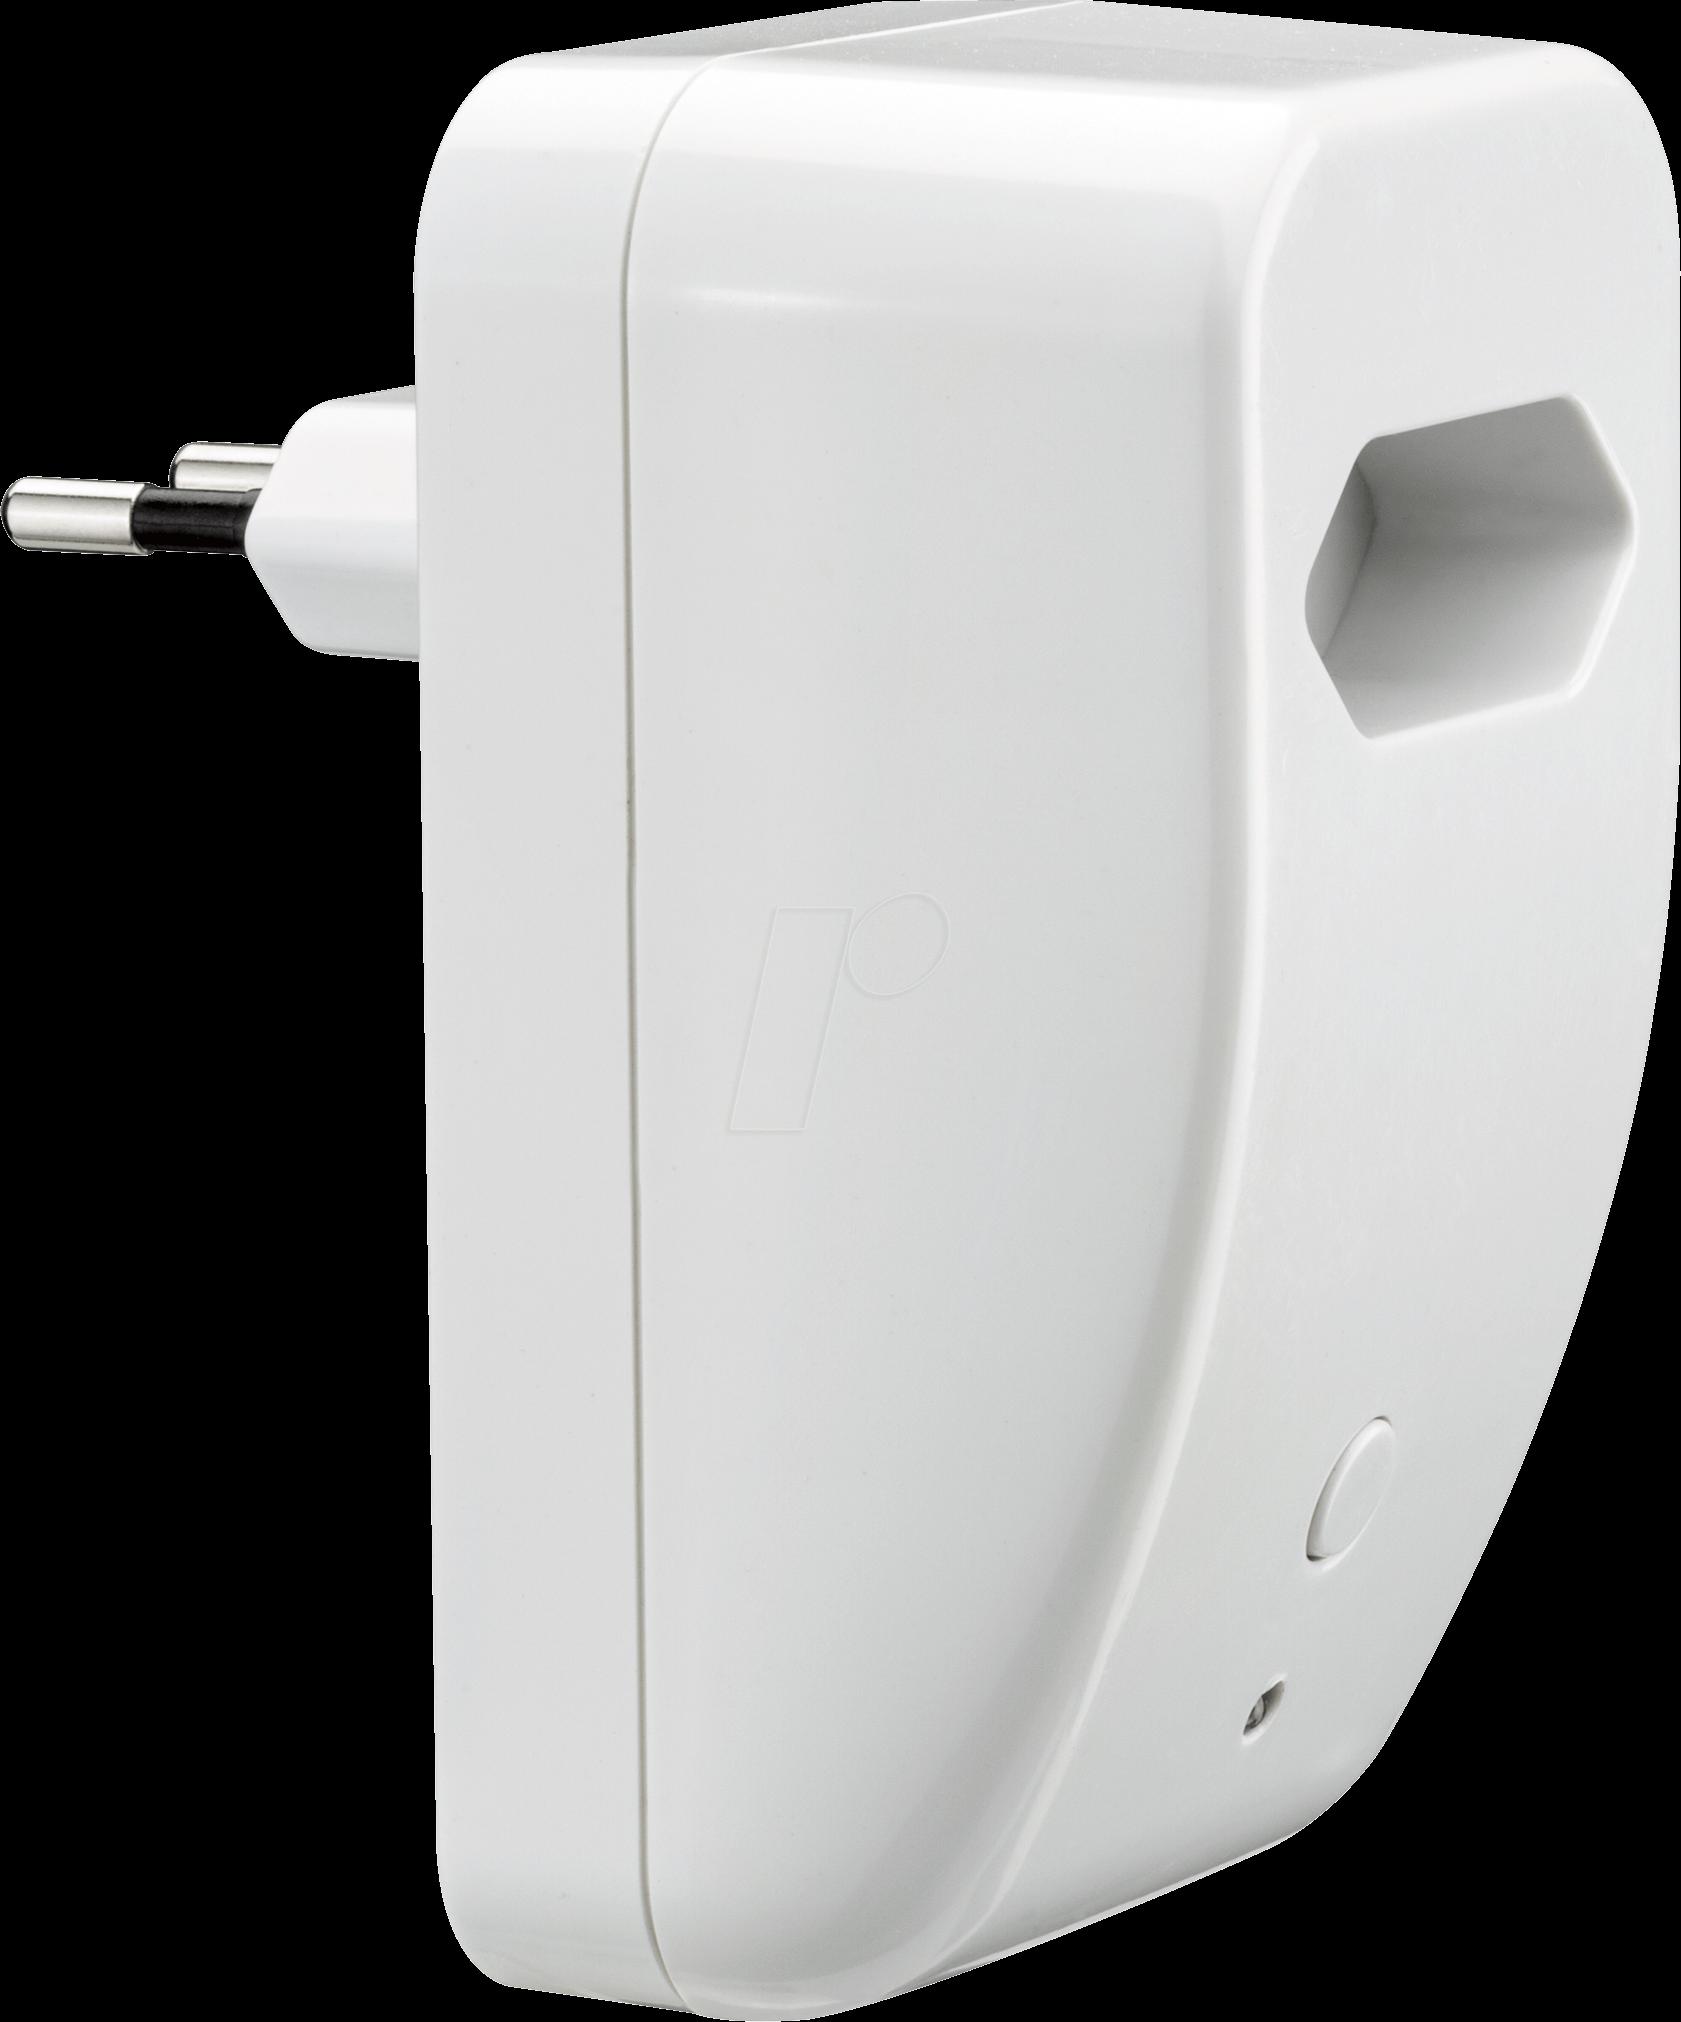 PLM 50020: Smart Home Steckdose, EuroPlug Switch - Dimm bei reichelt ...